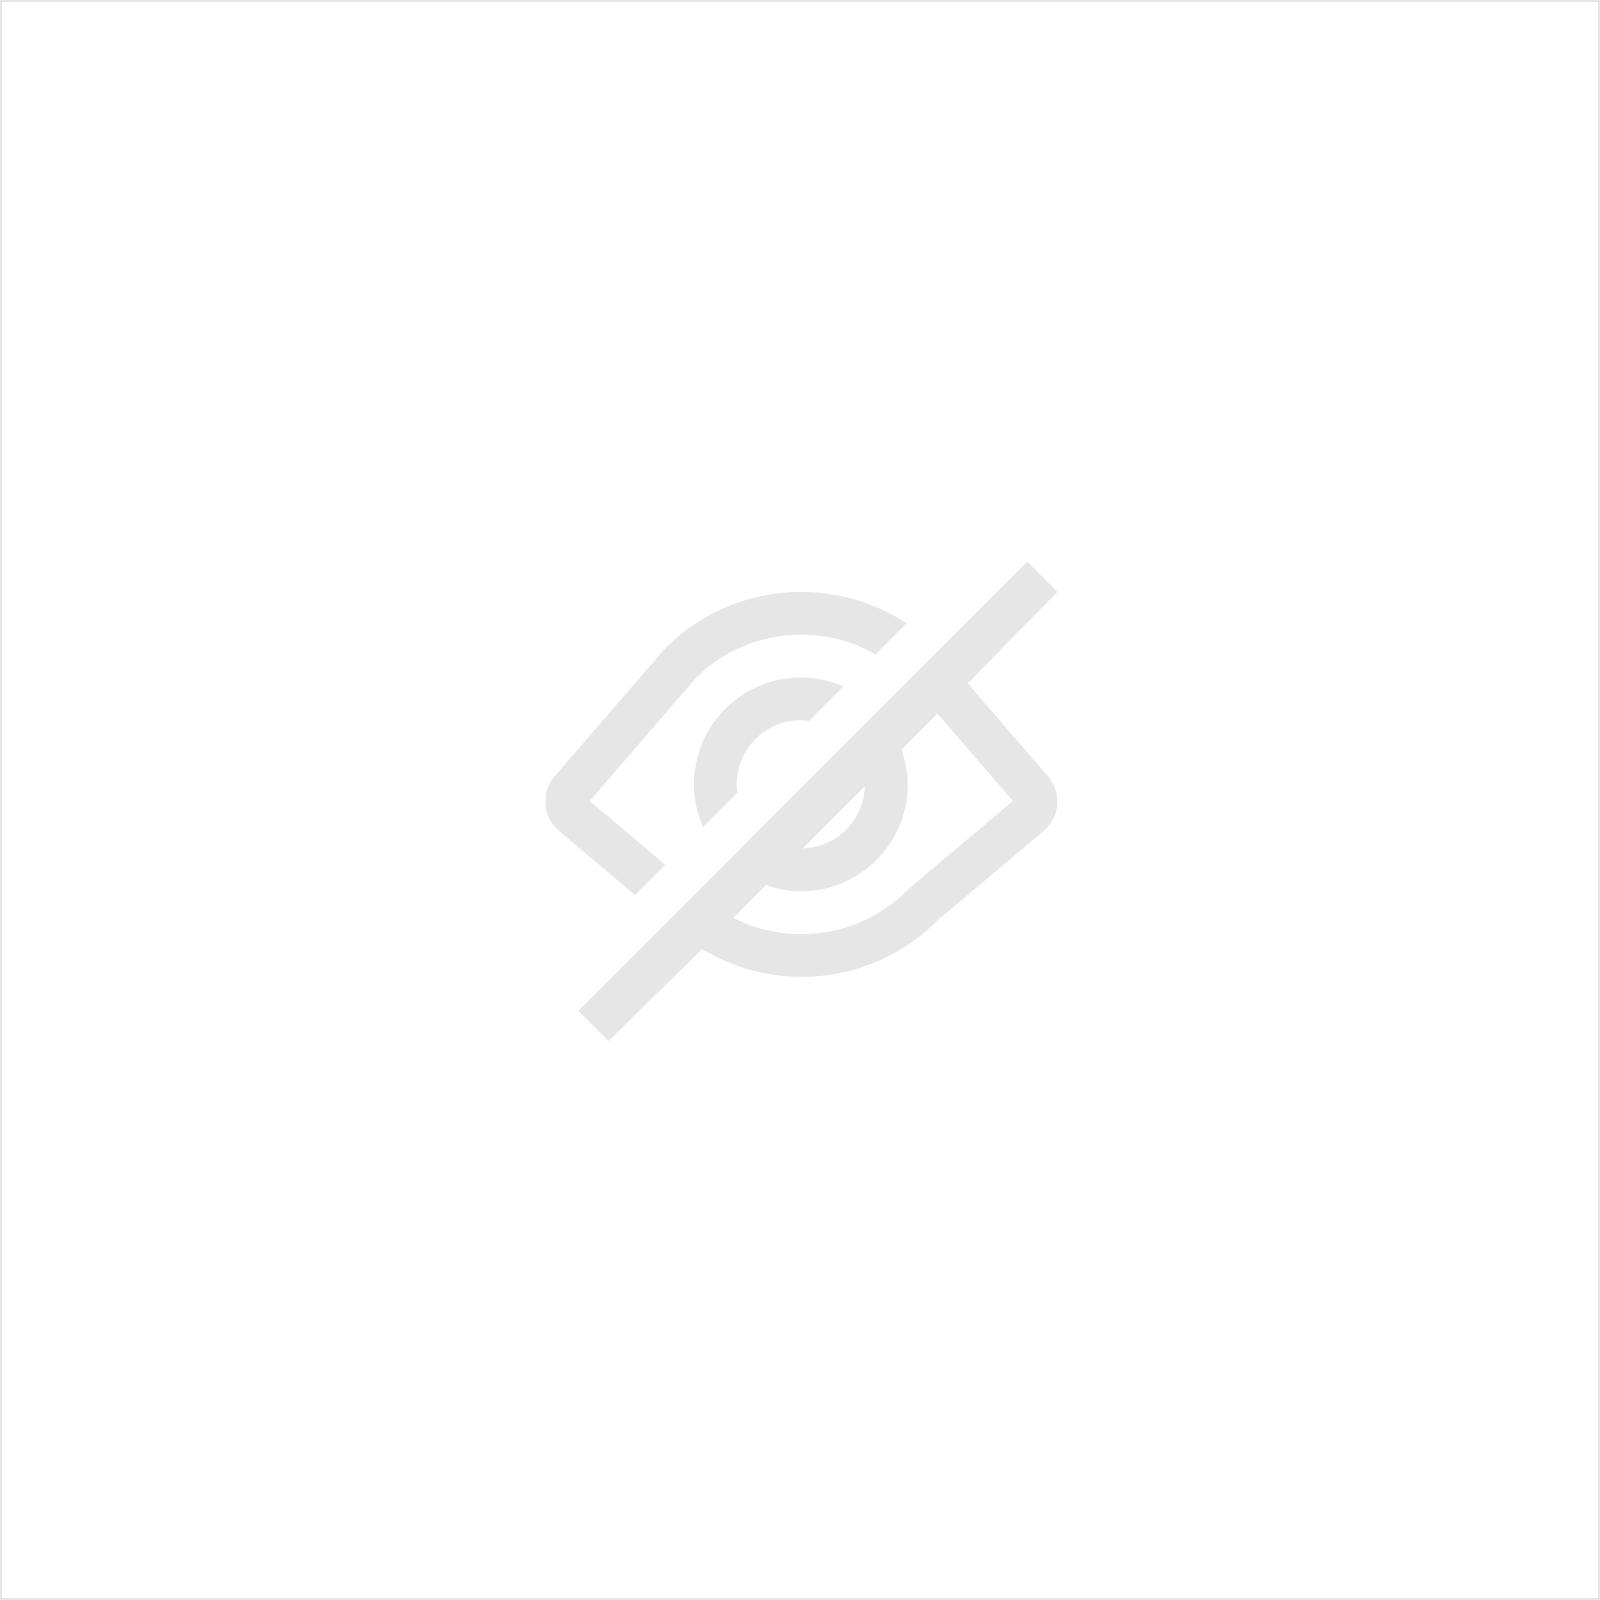 JEU DE VISIERES (6 PCS) POUR CAPUCHON DE PROTECTION H-1